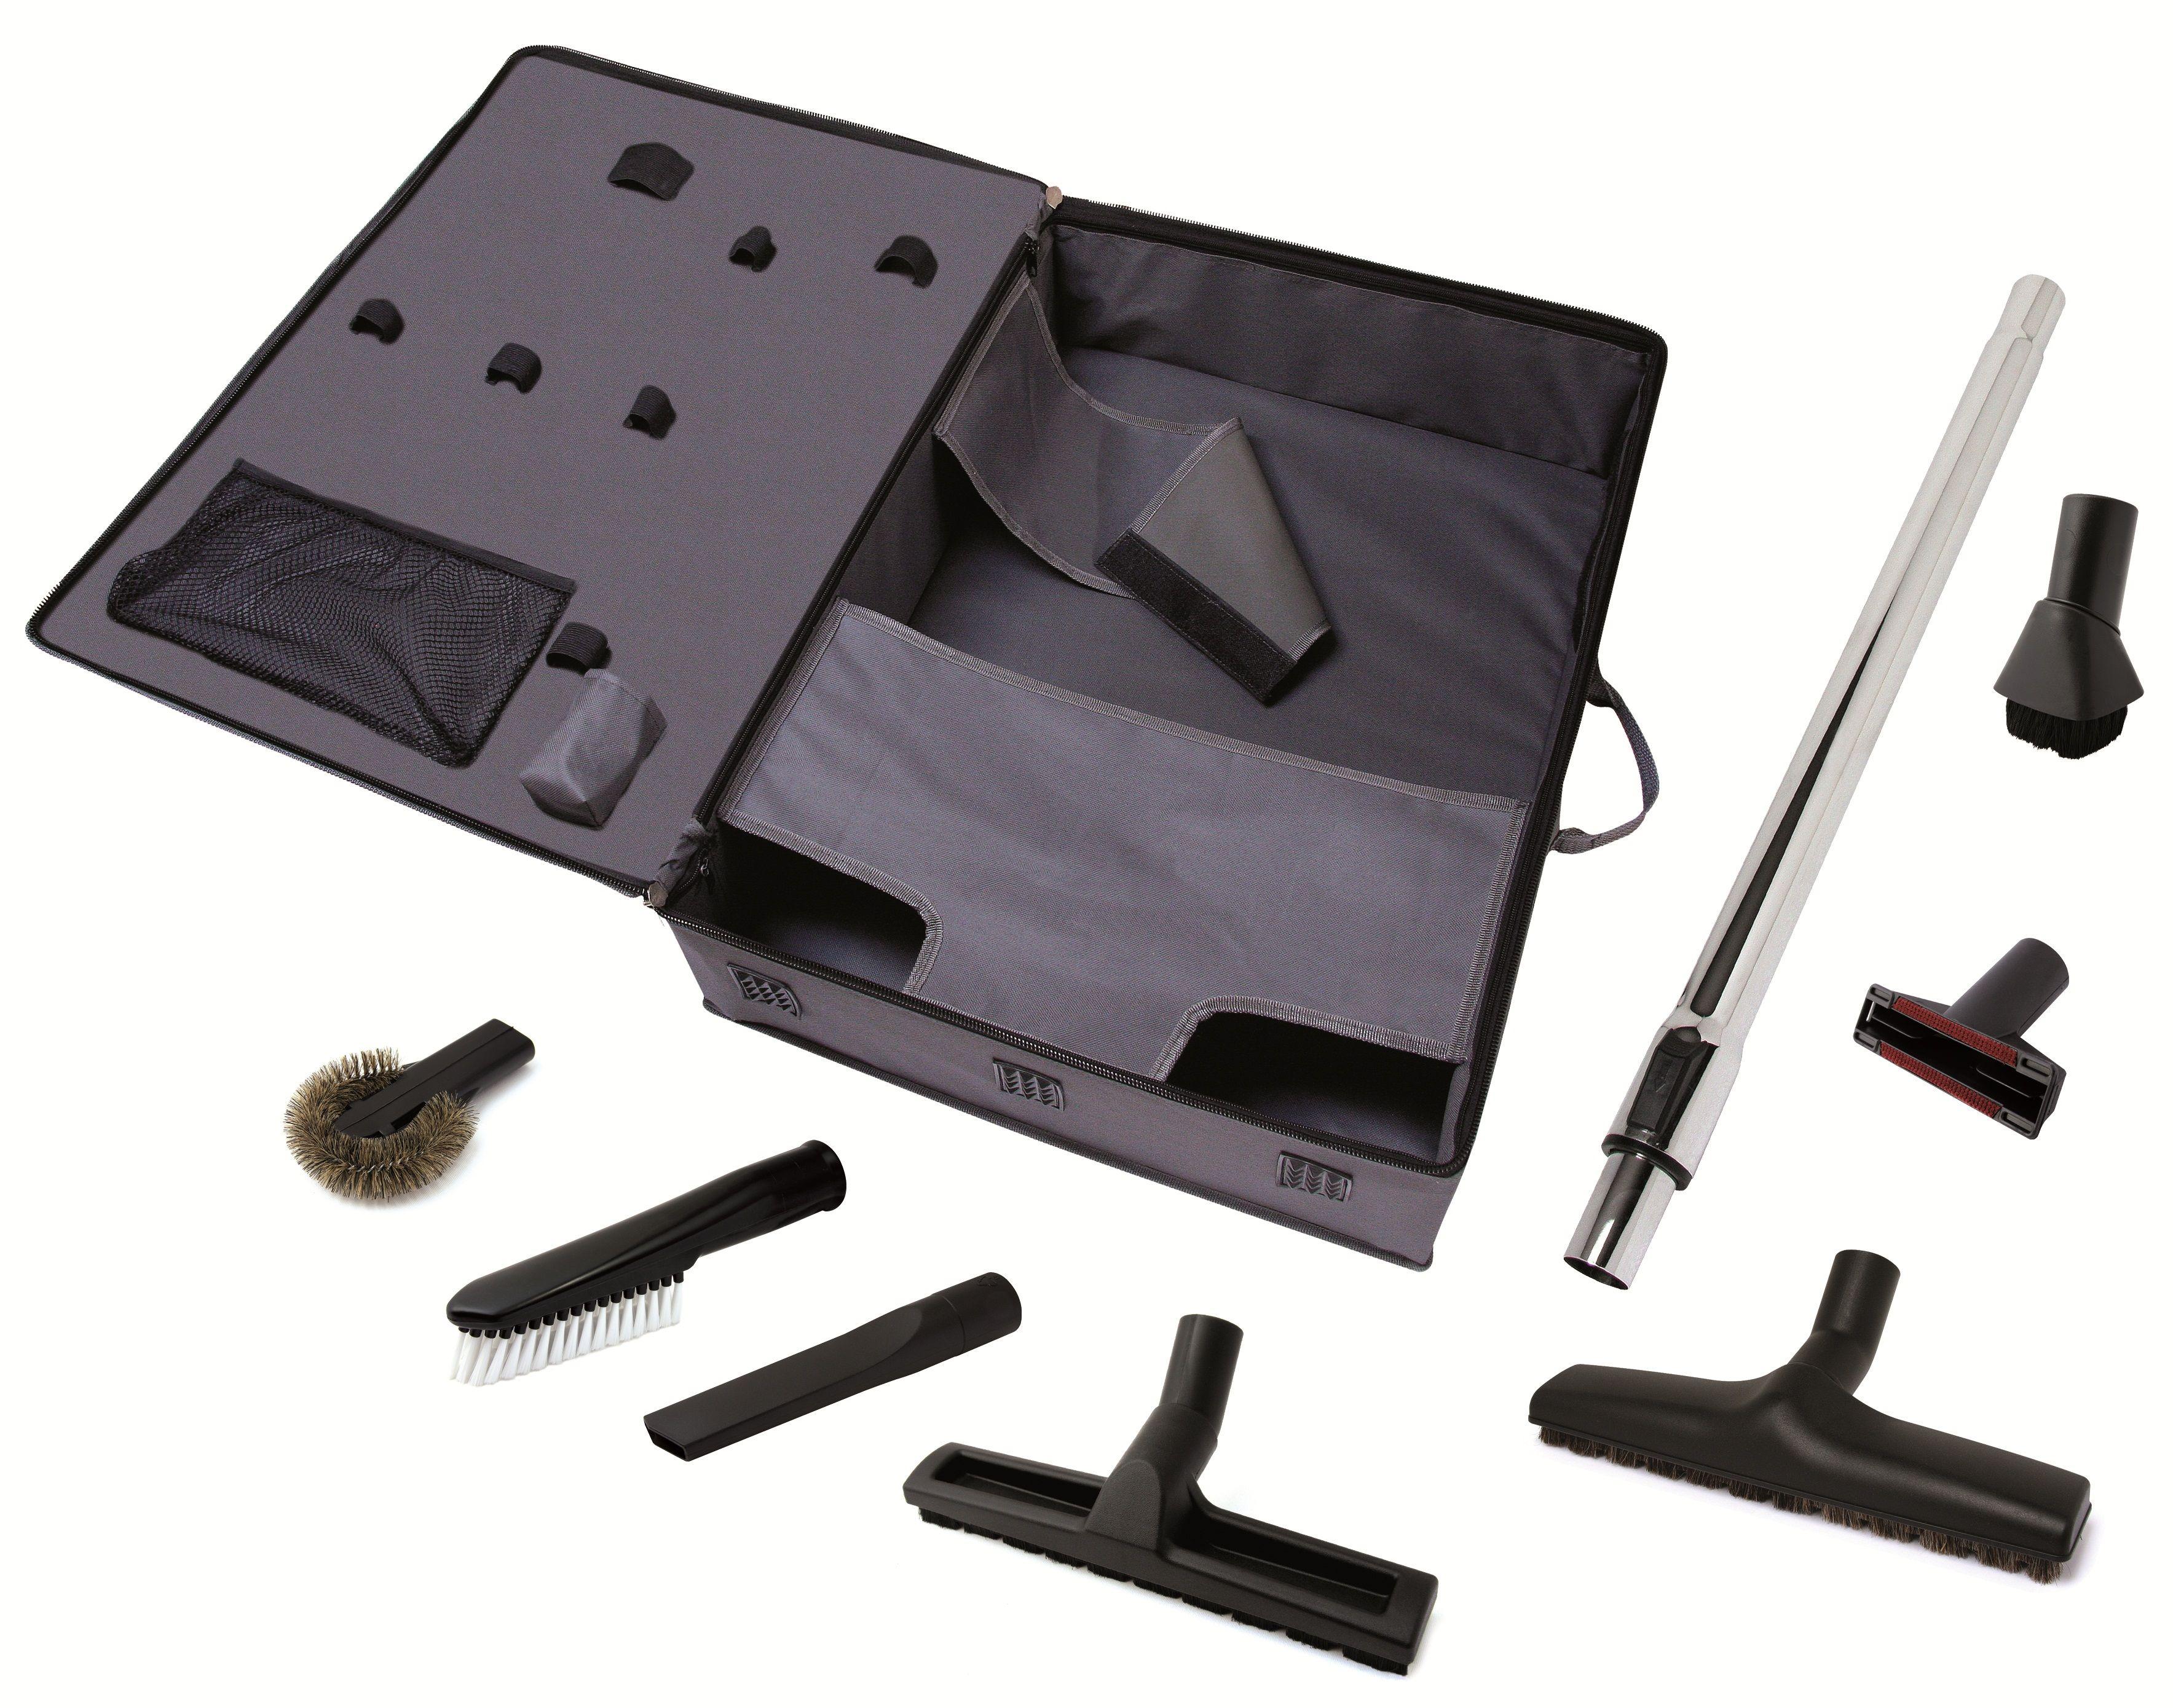 Accesorii si prize pentru aspiratoare TUBO - Poza 1